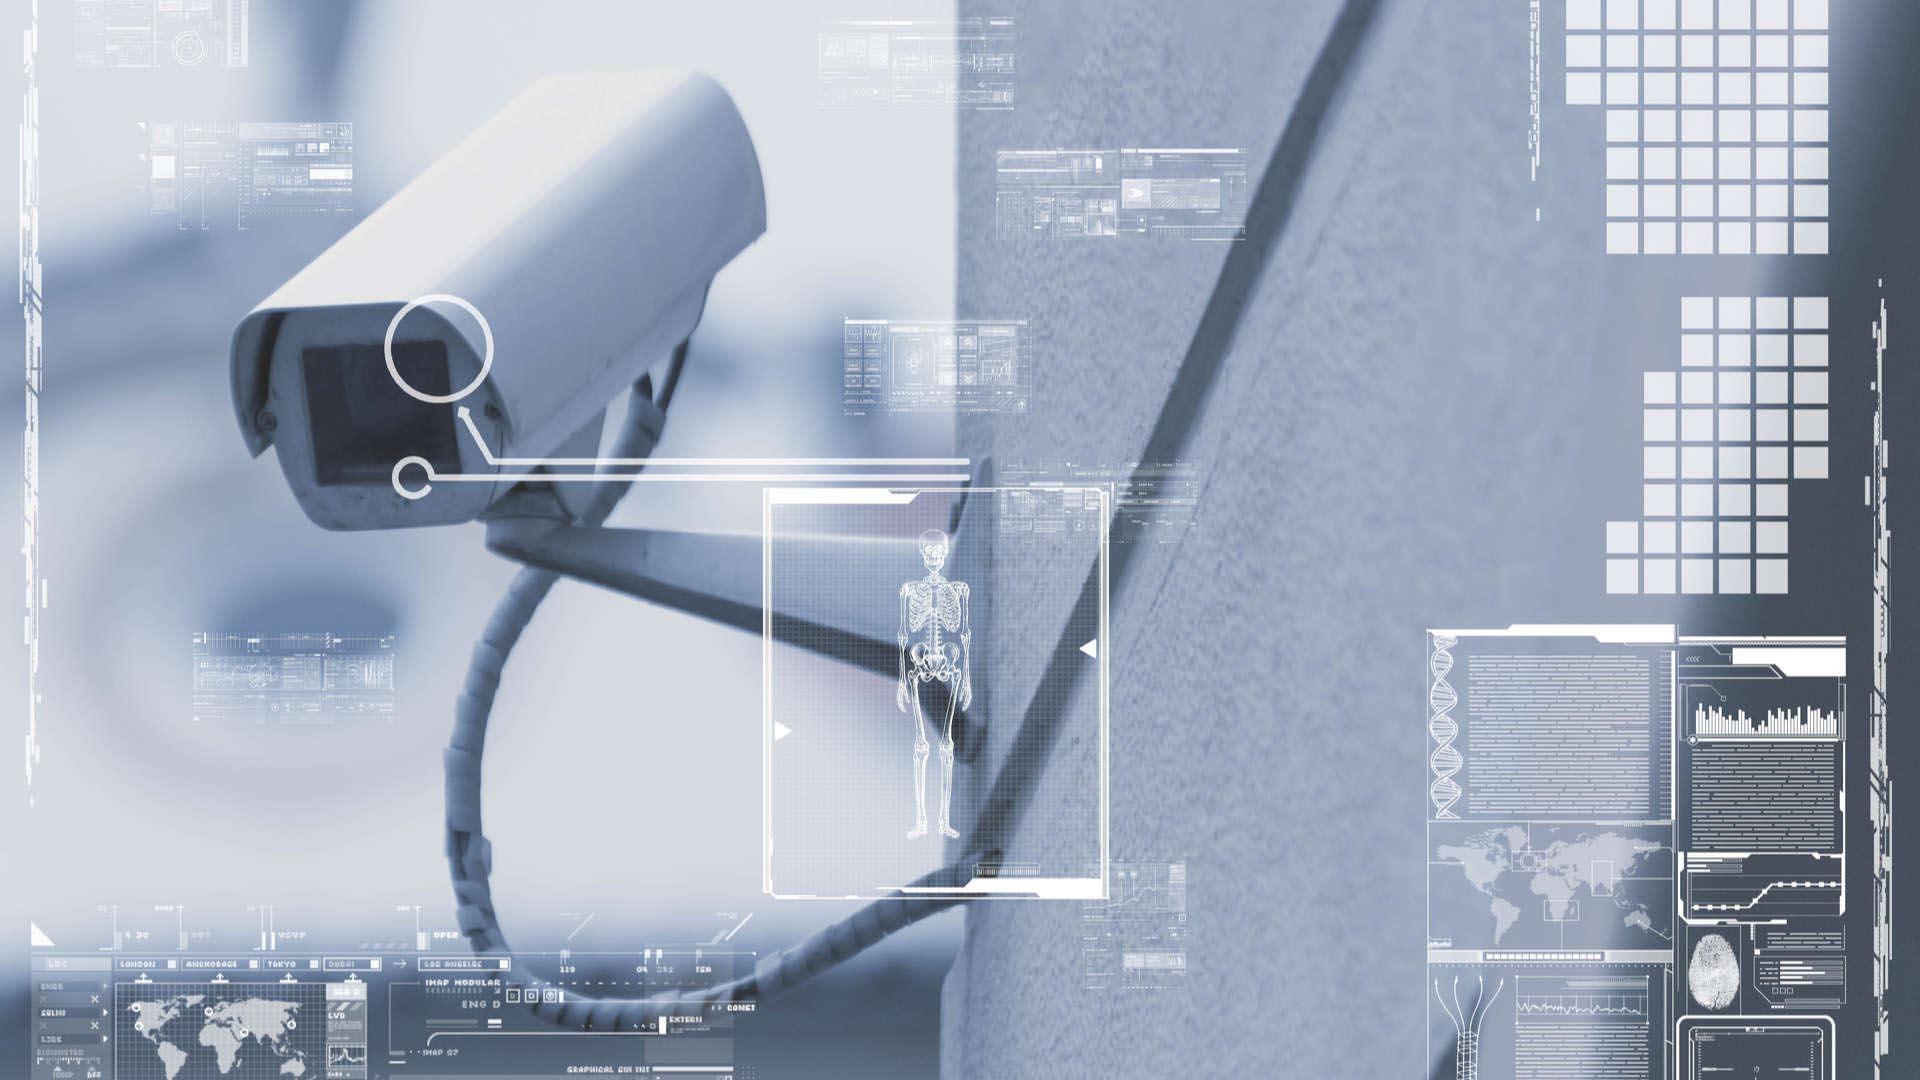 Sistemi di videosorveglianza. Adempimenti privacy